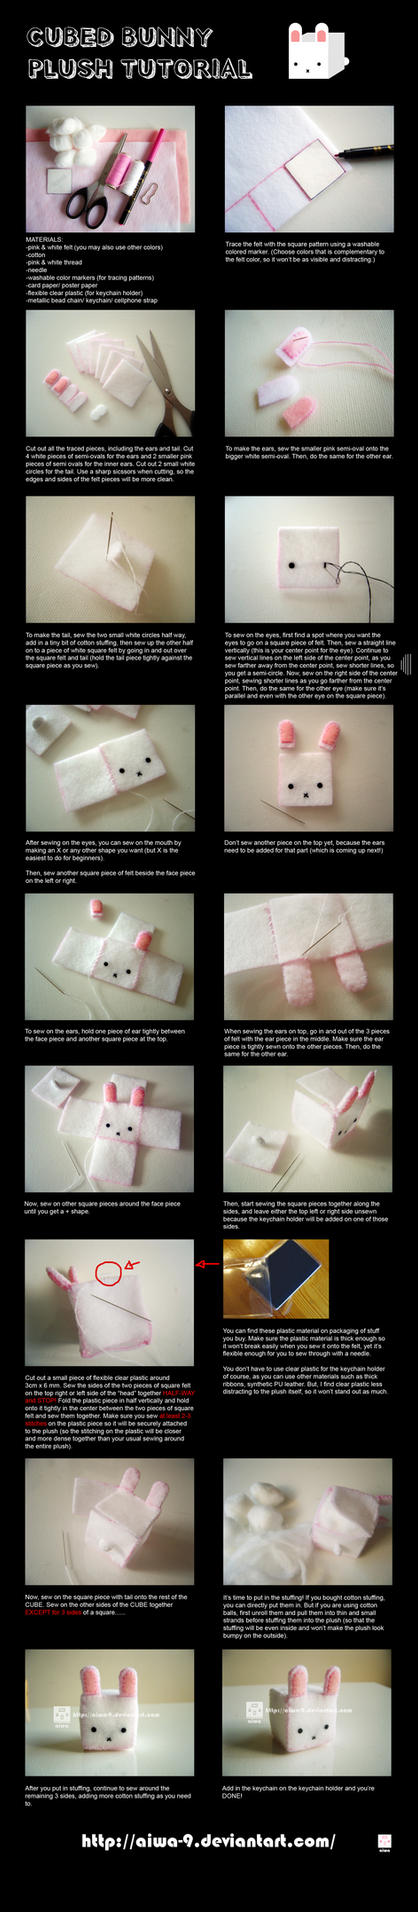 CUBED bunny plush tutorial by aiwa-9